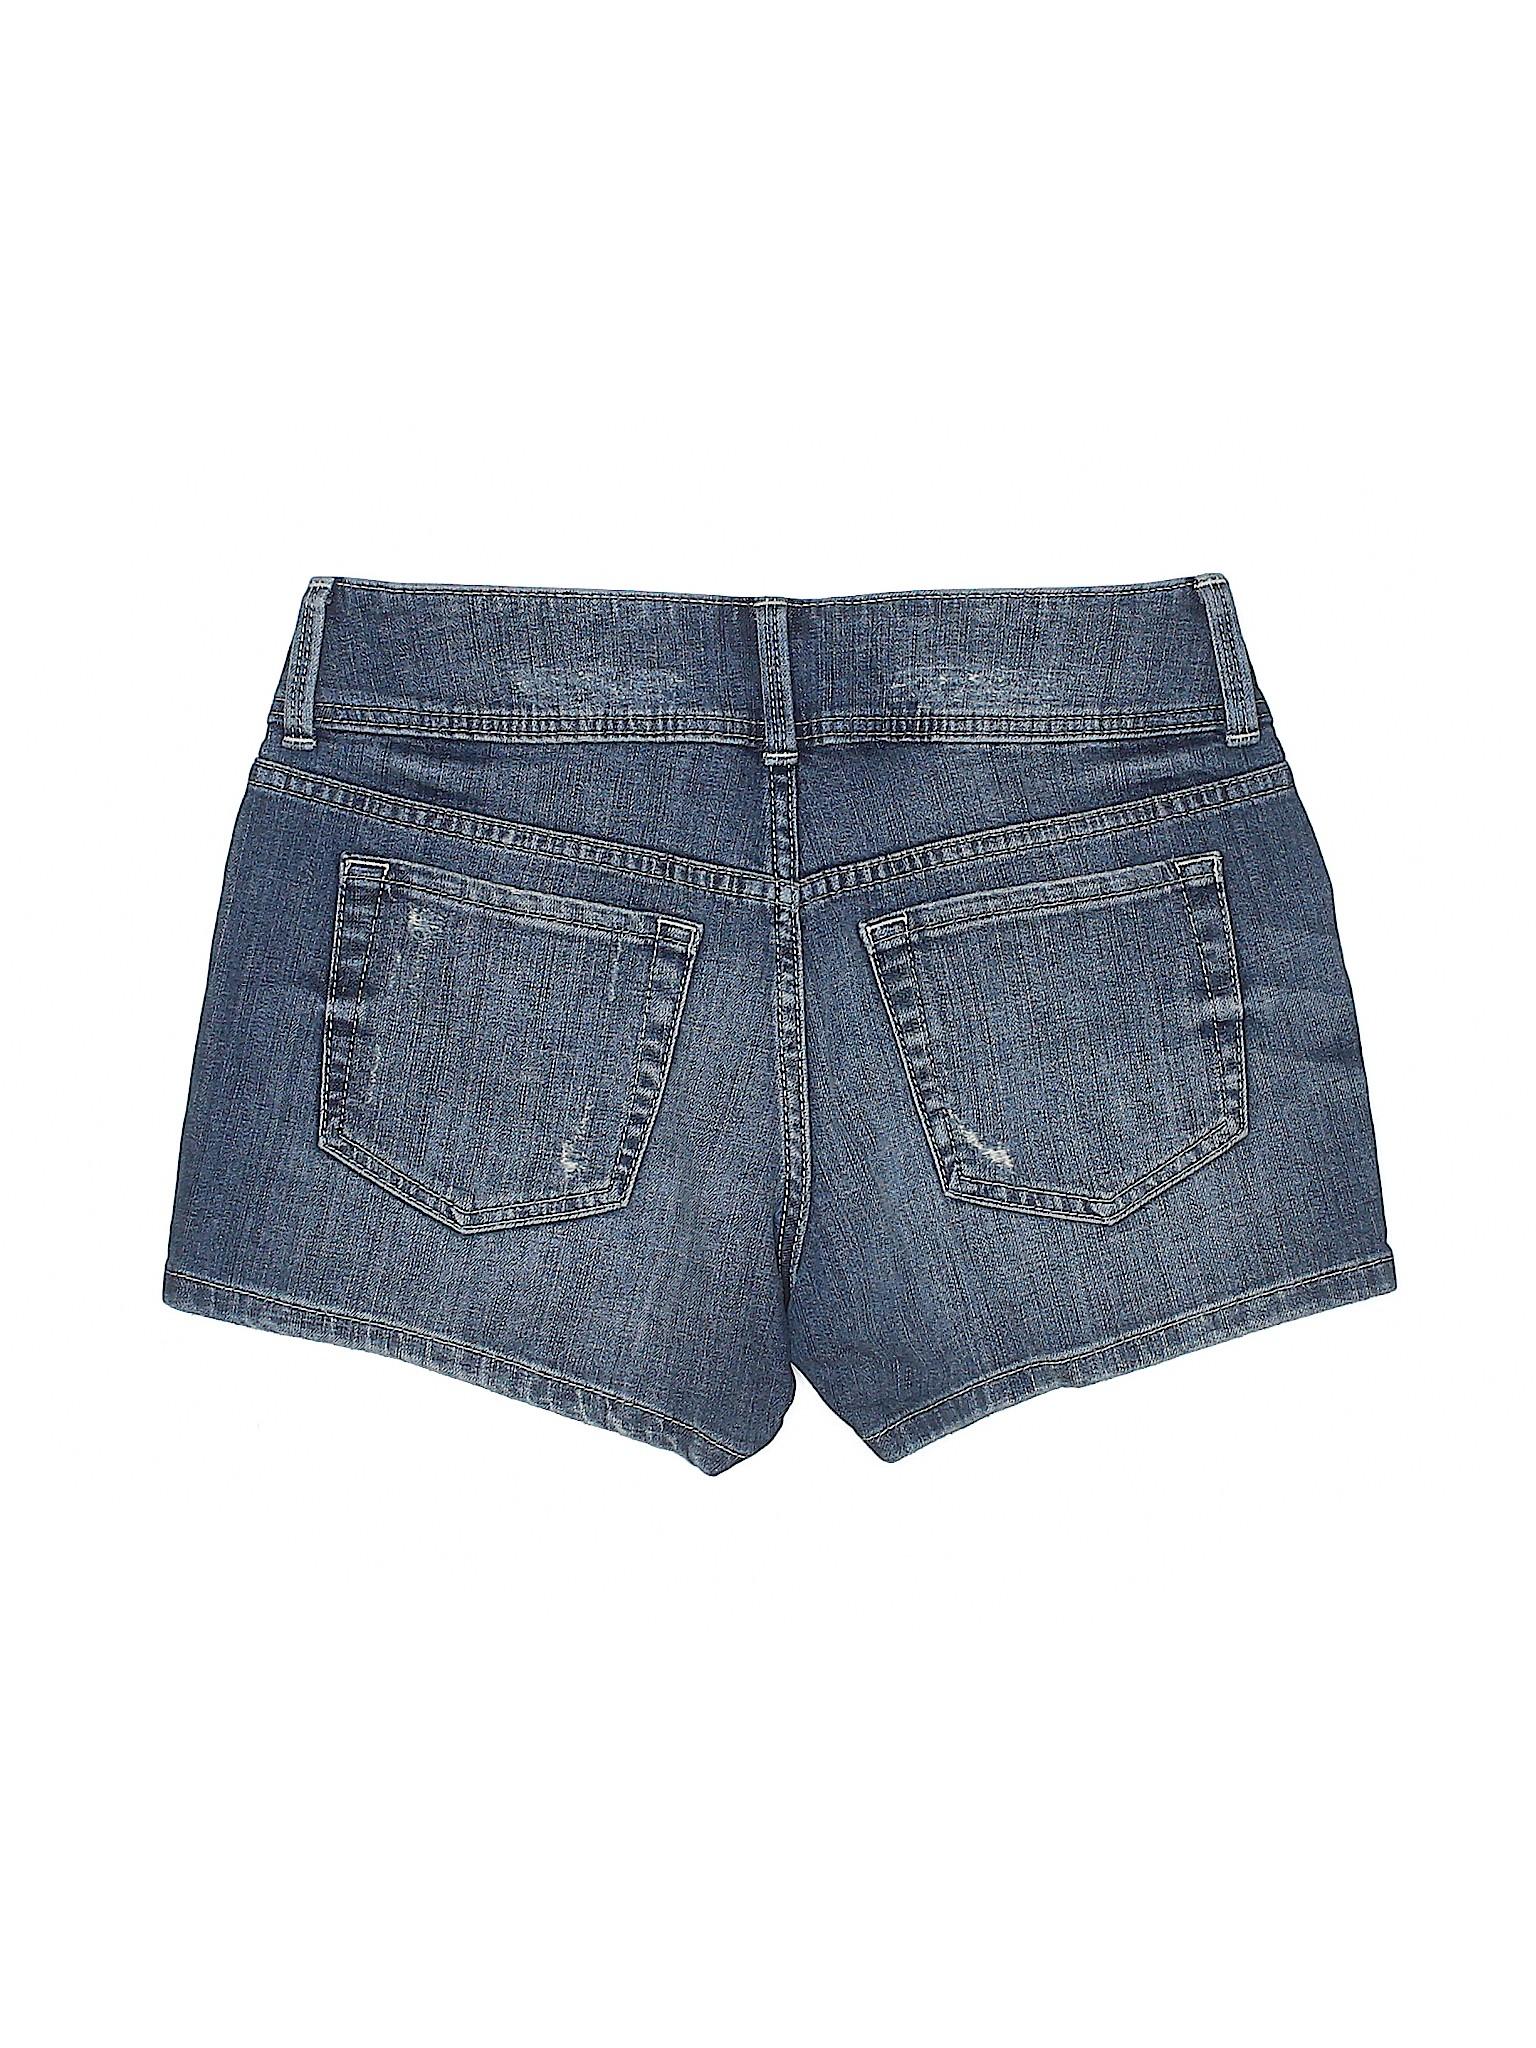 winter Shorts London Jean Boutique Denim dqIw4qZ